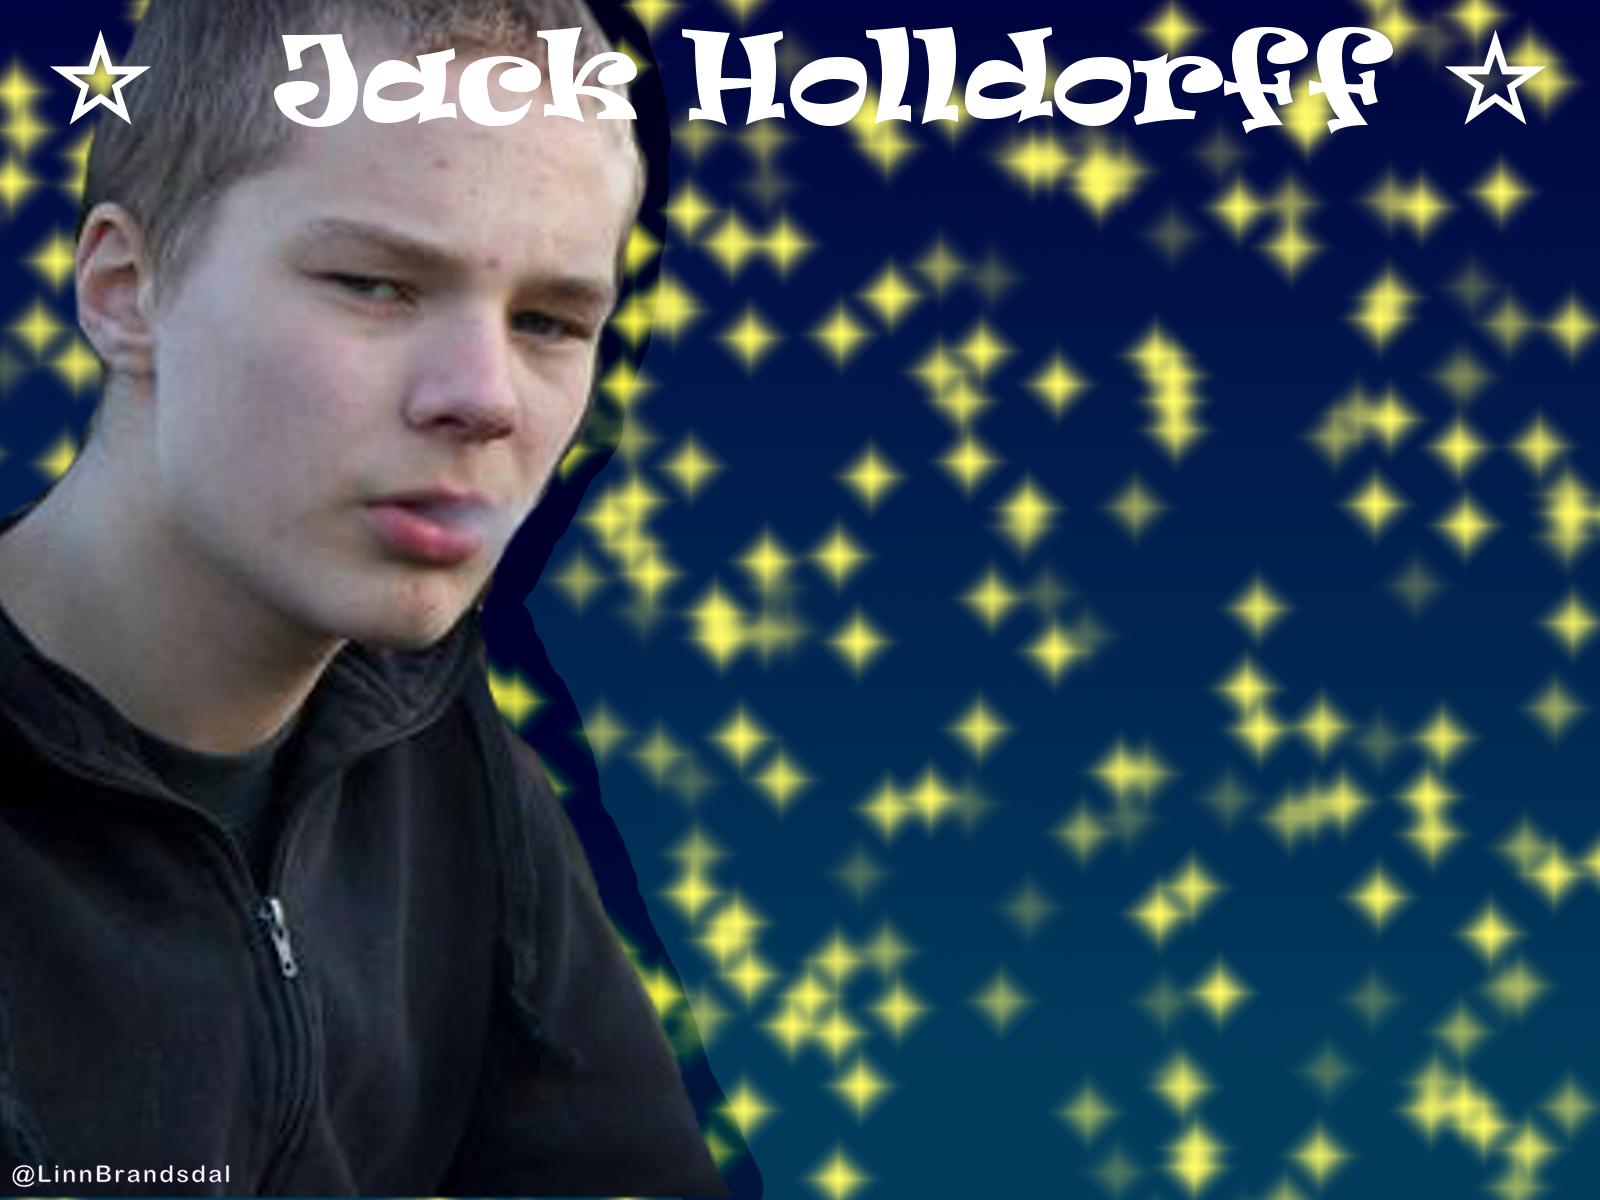 jack leonard holldorff